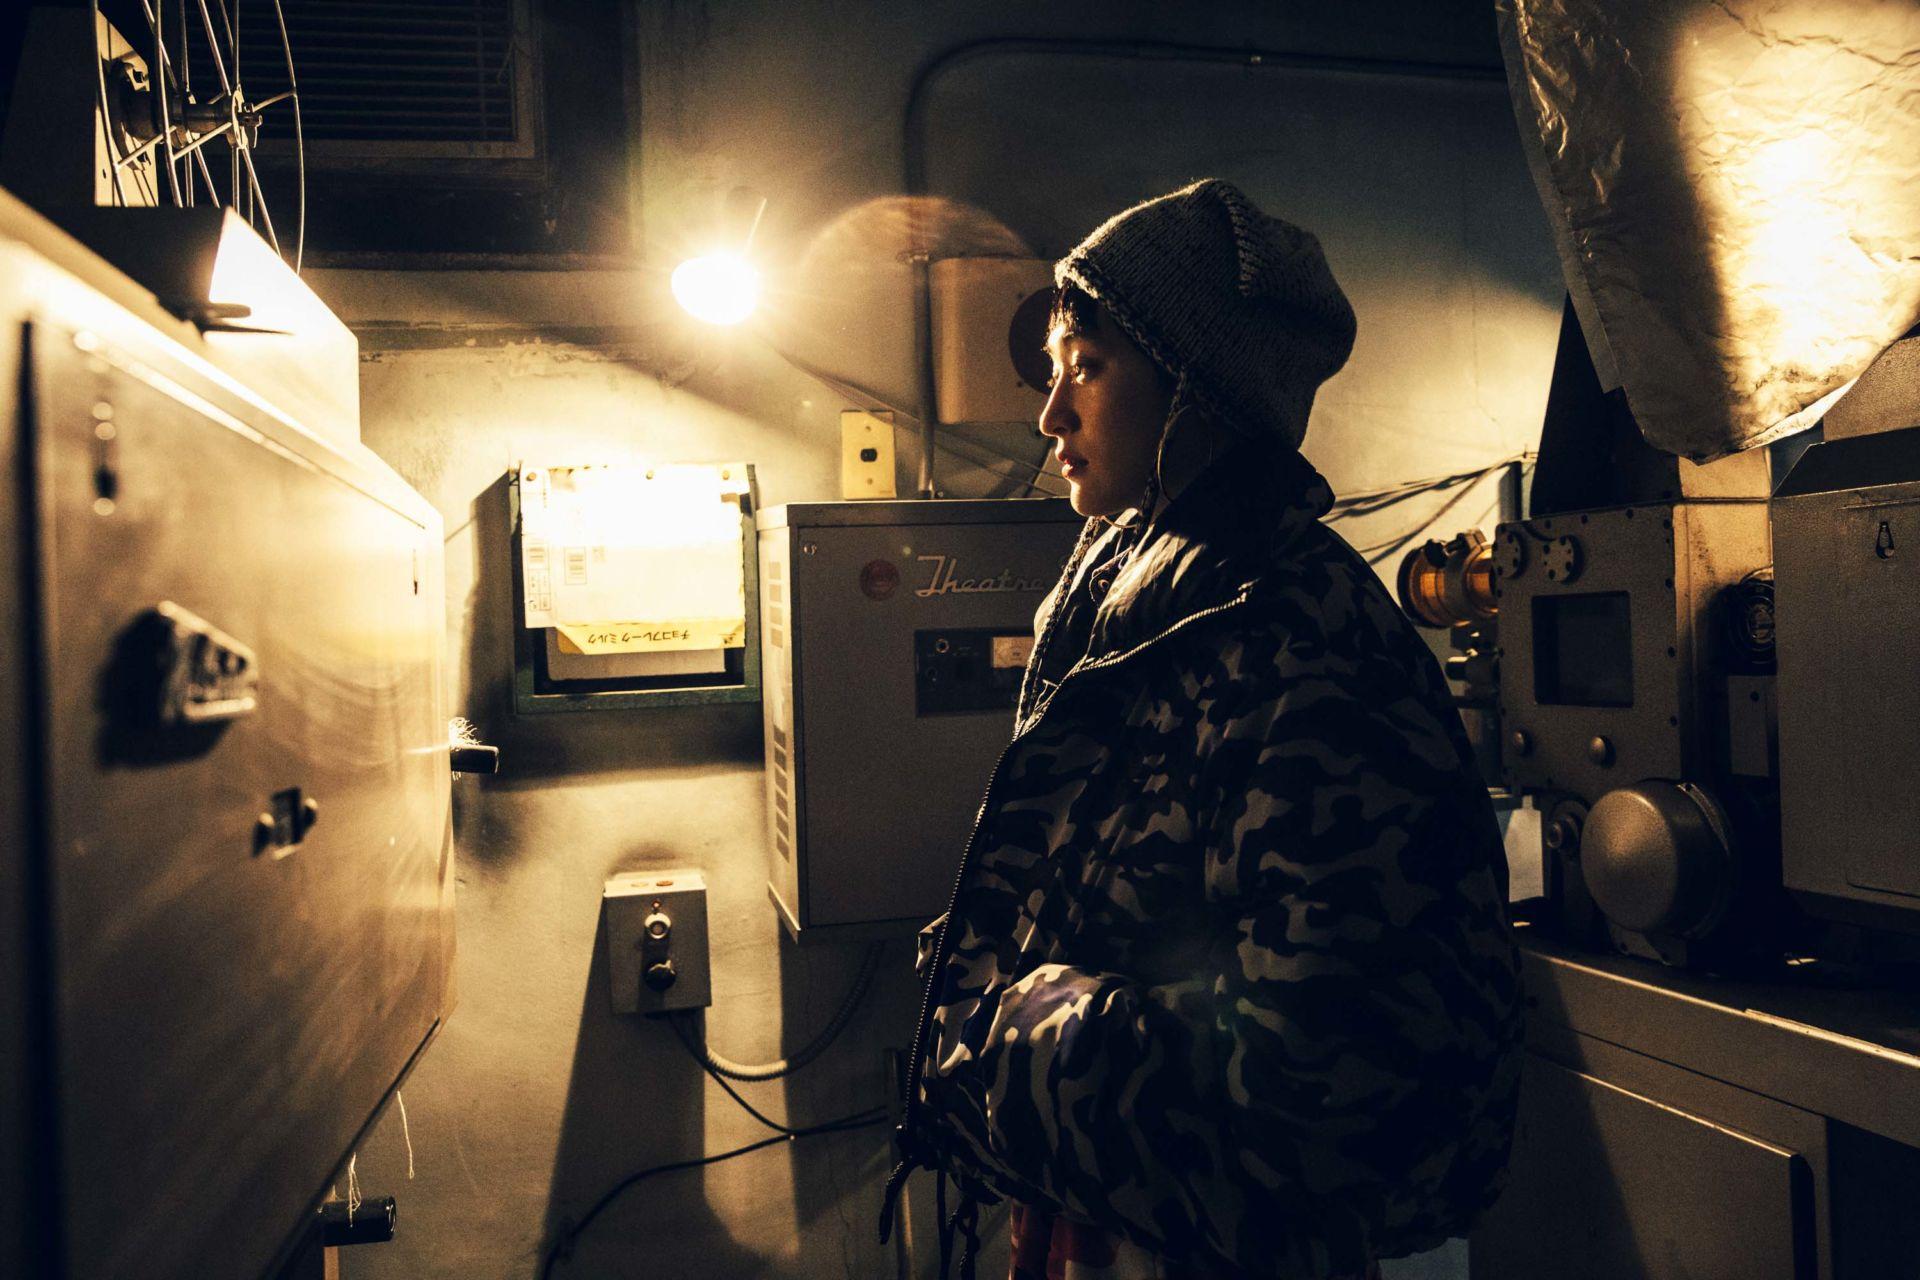 【フォトルポ#1】コムアイが行く!日光市今市の歩き方。スイカン×日光市発の無料映画上映会『名画ニッコウ座』間もなく開催 180307-meiga-nikko-za-58